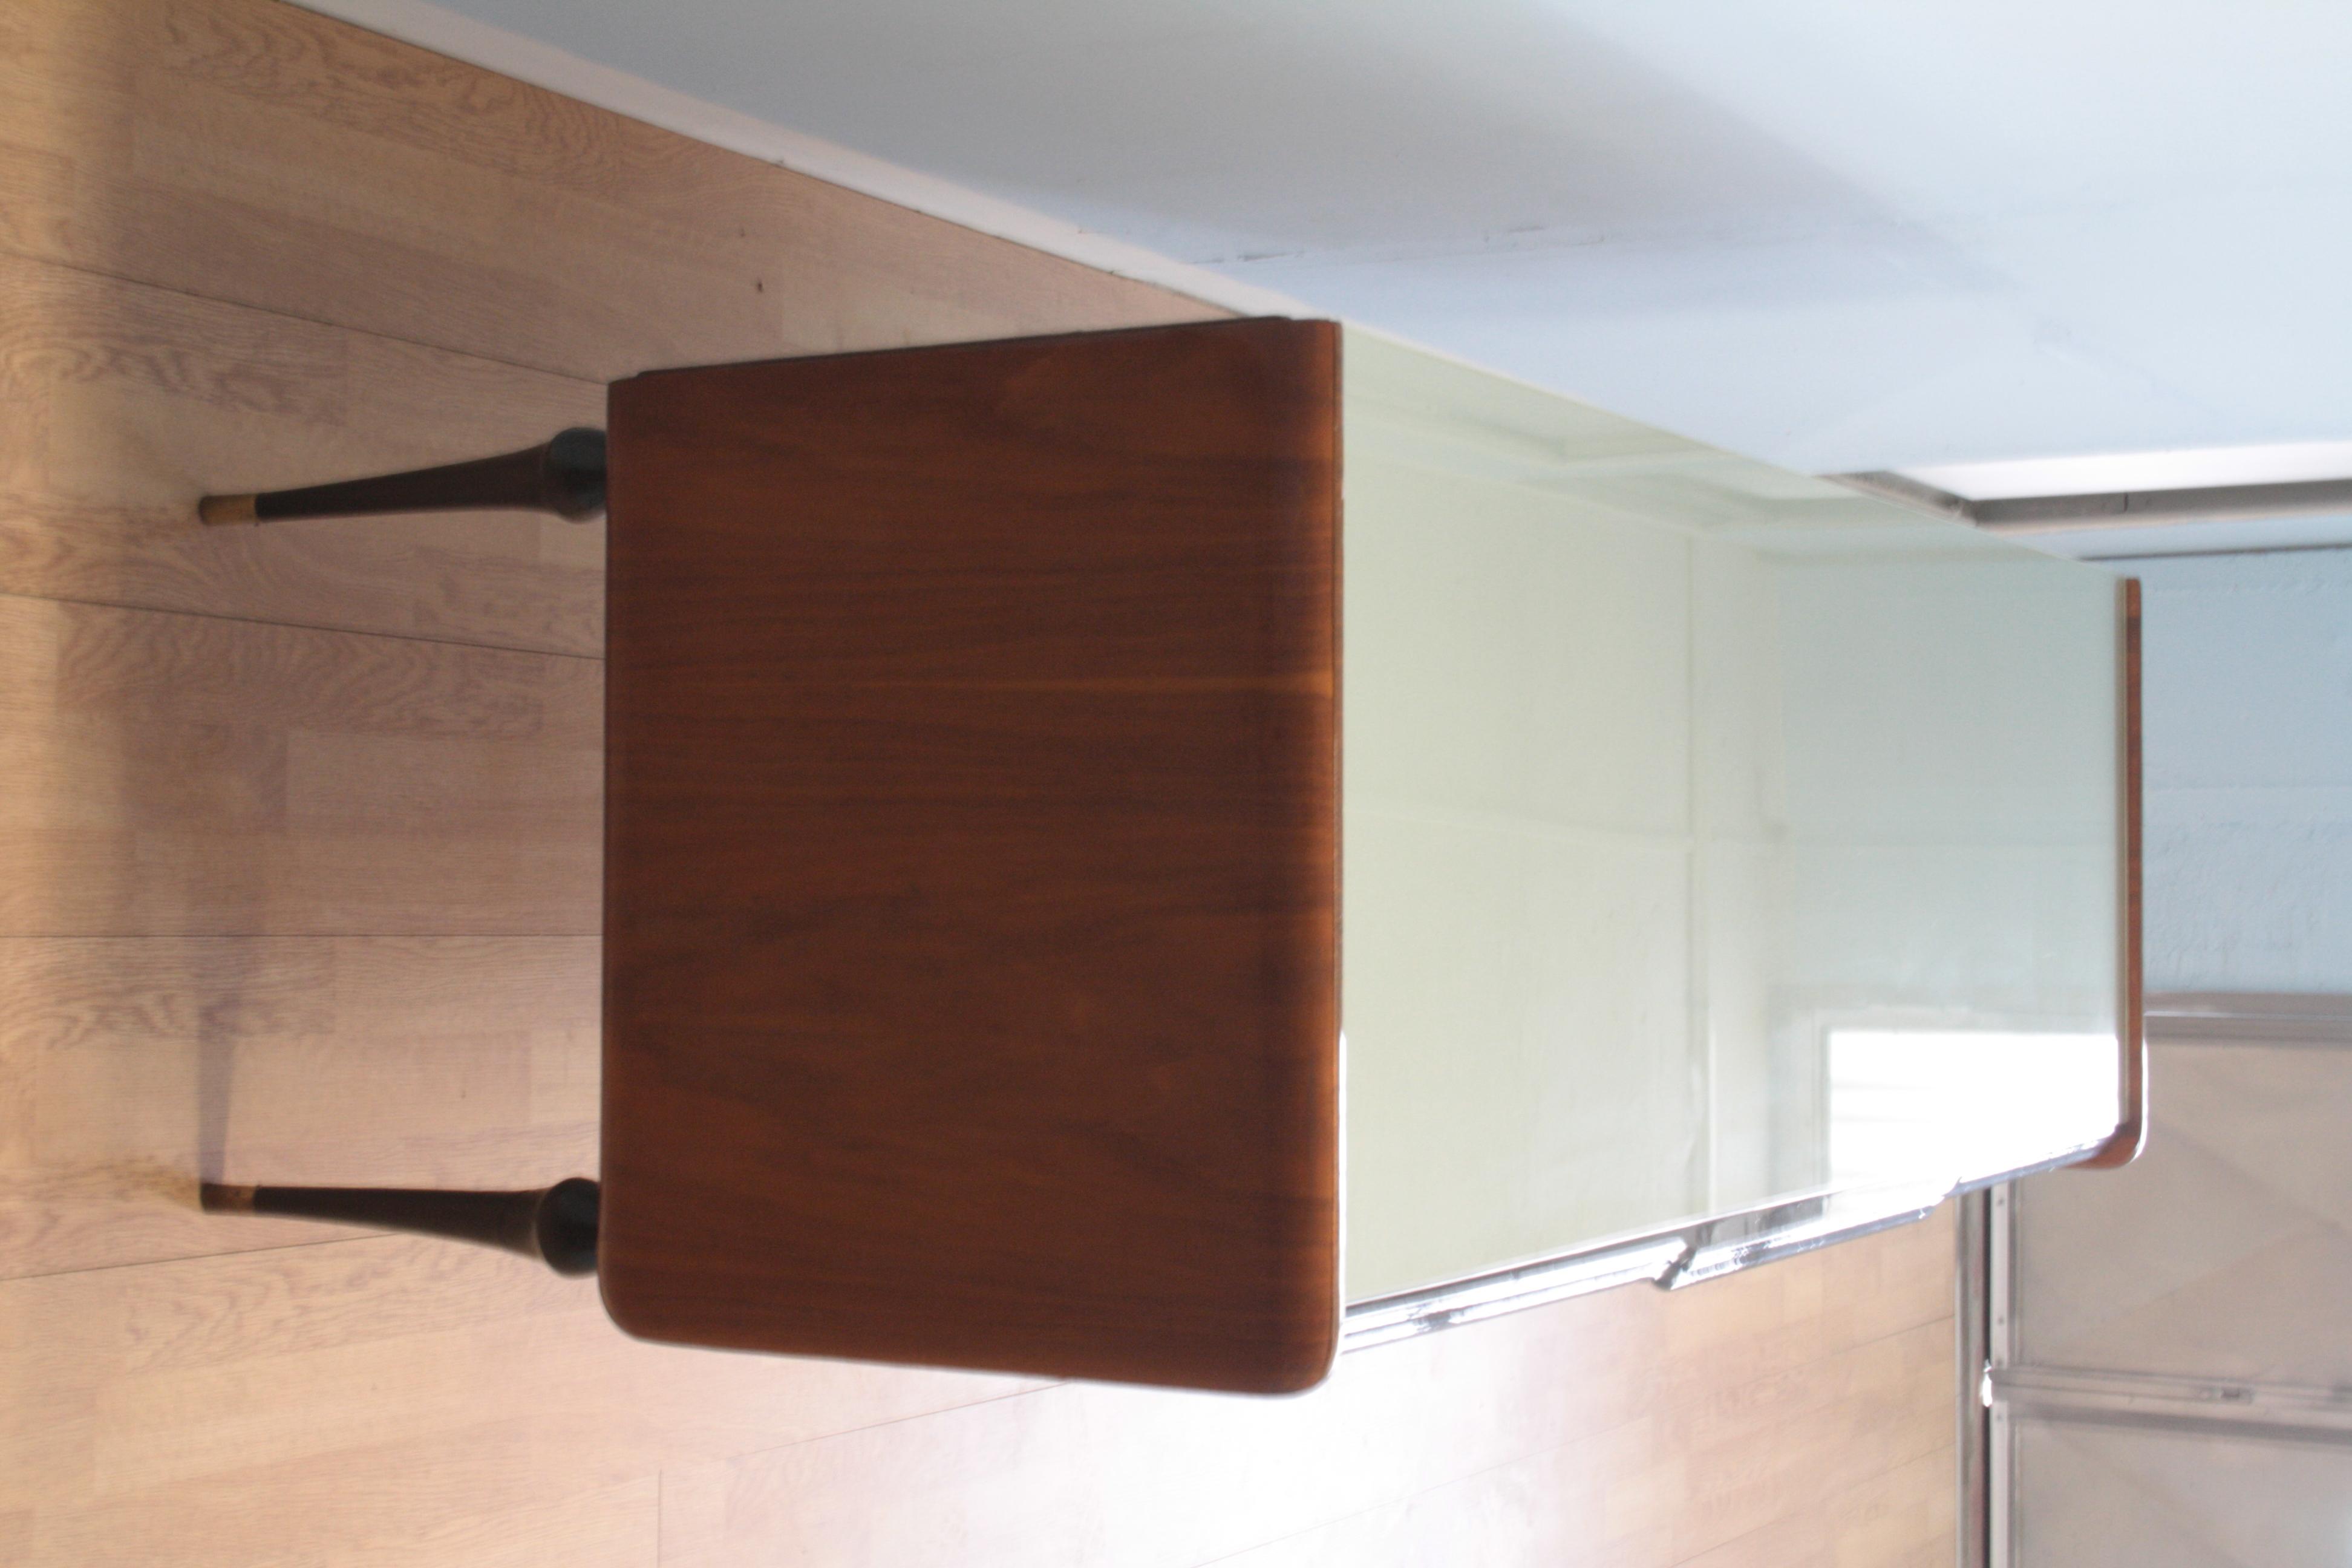 Vintage niedriges Sideboard im italienischen Walnuss-Dorn der 1960er Jahre